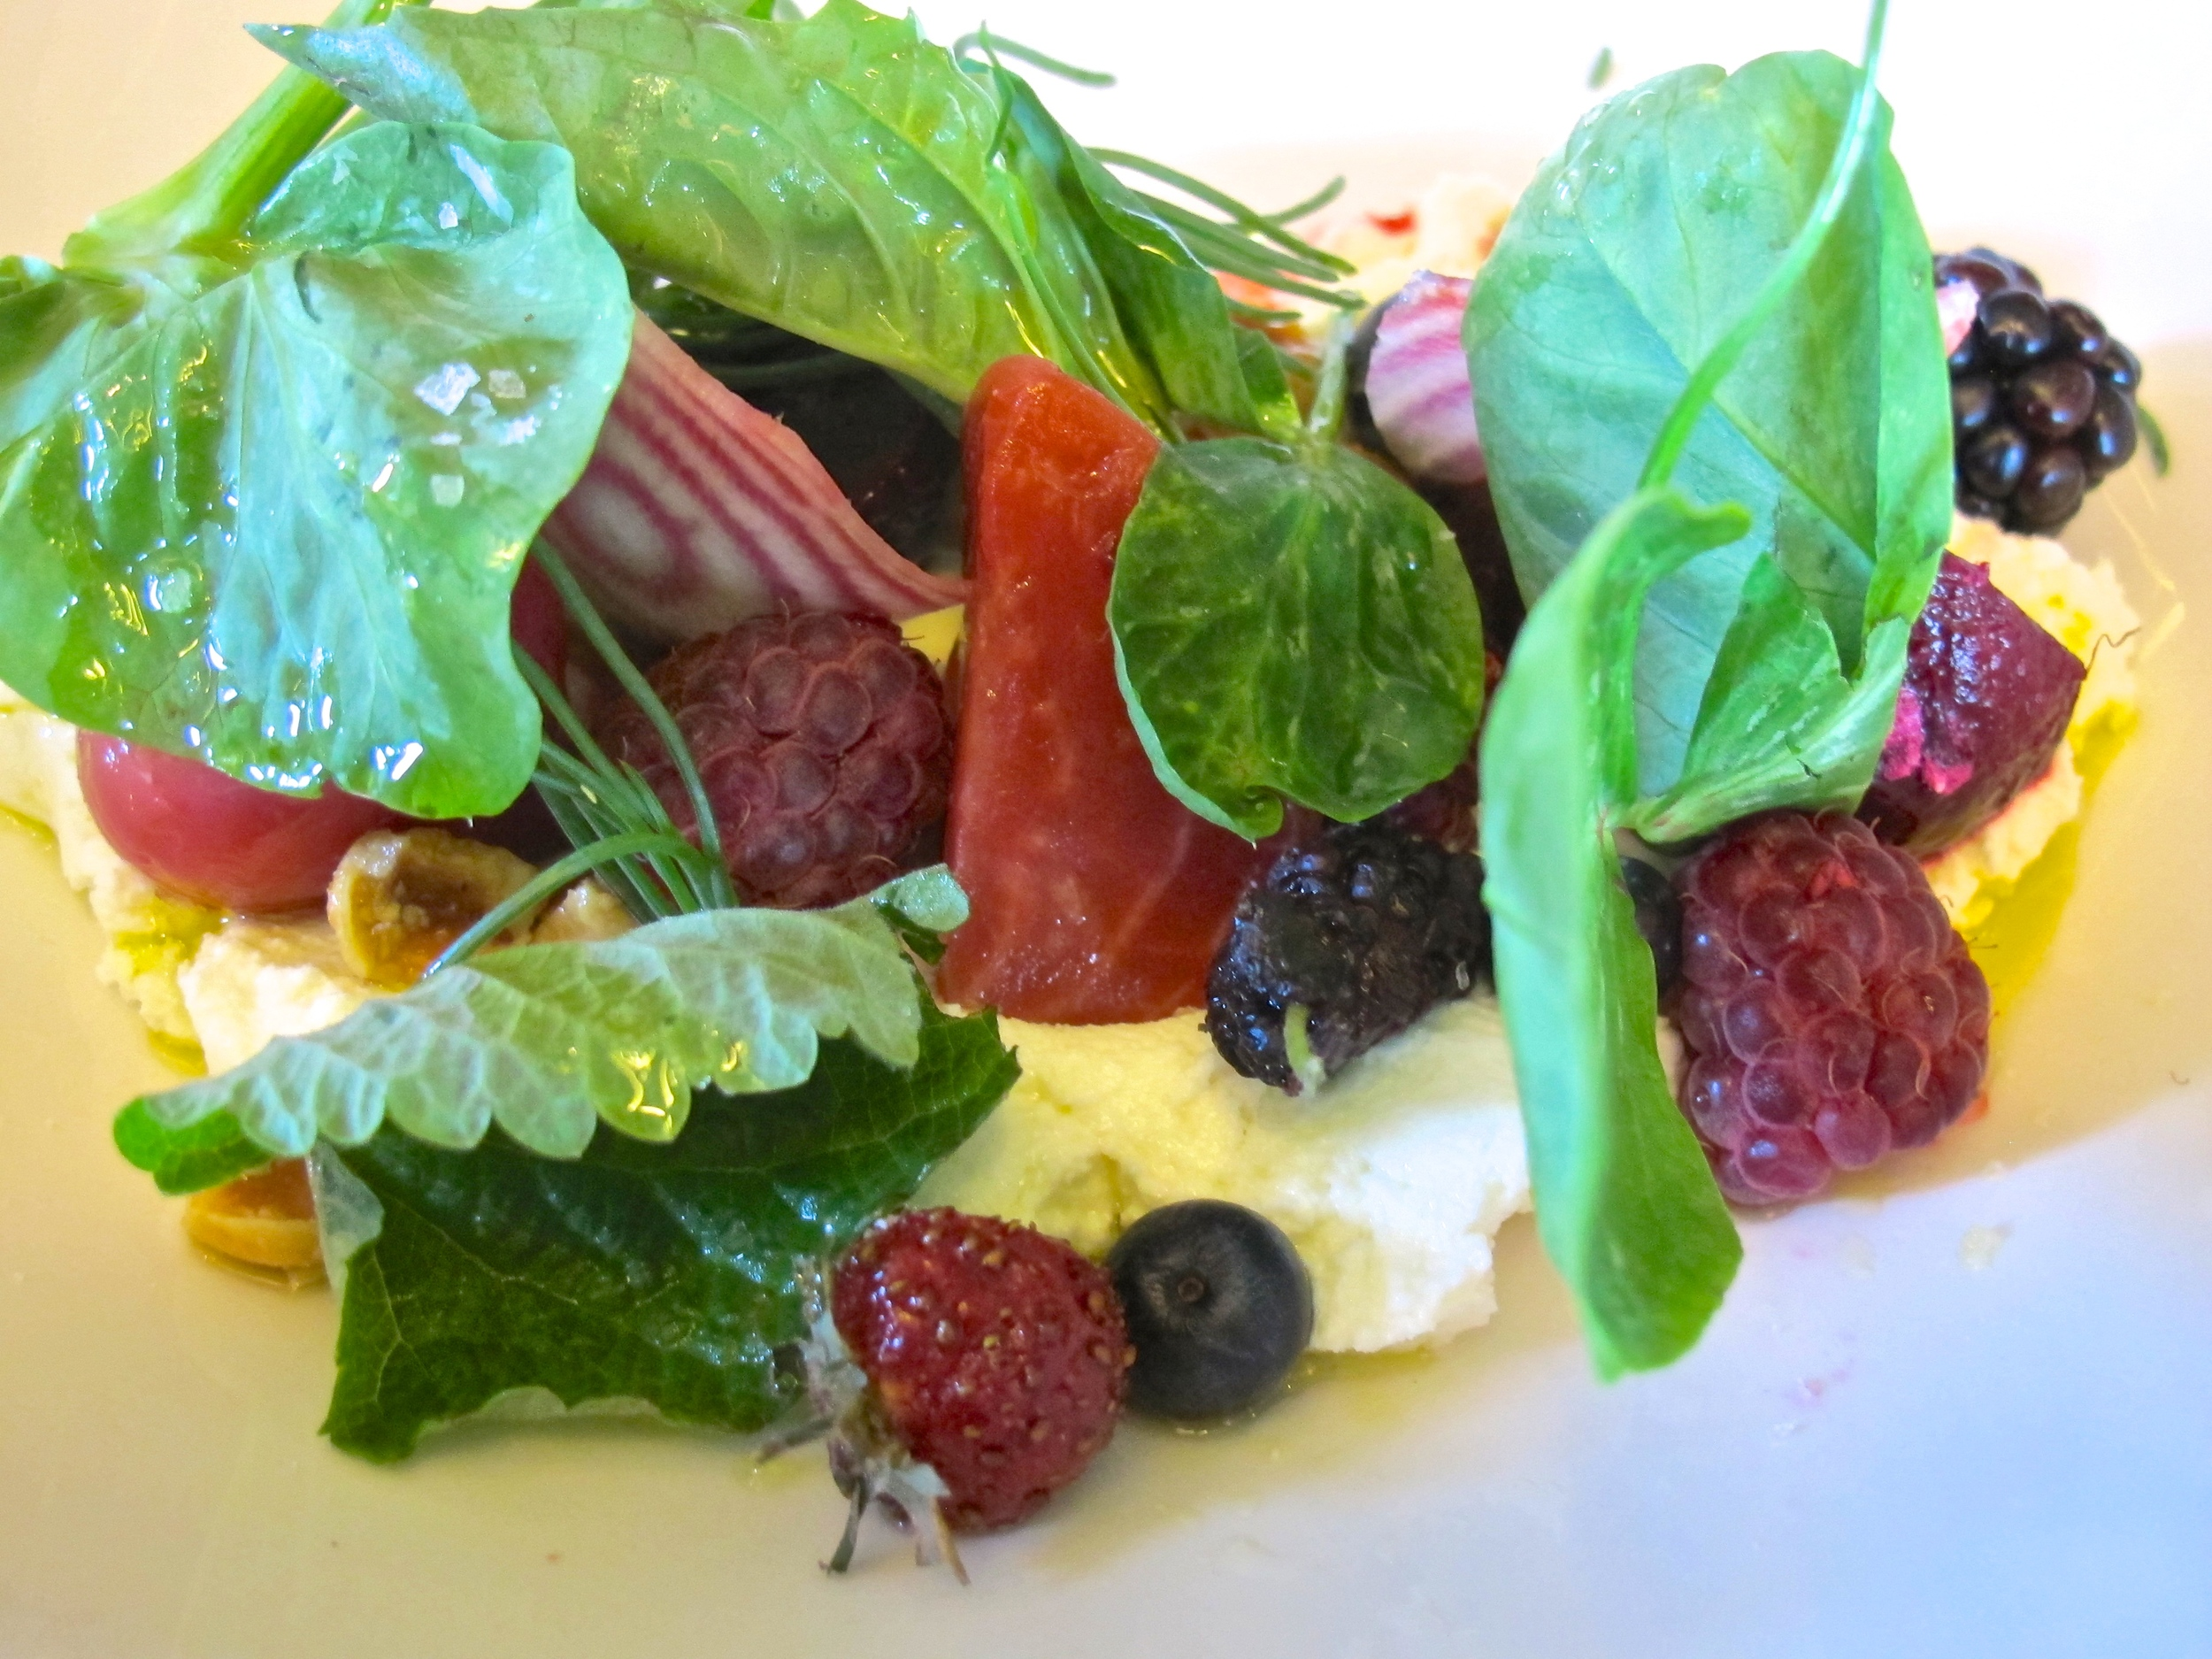 Girasol beet and berries.jpg